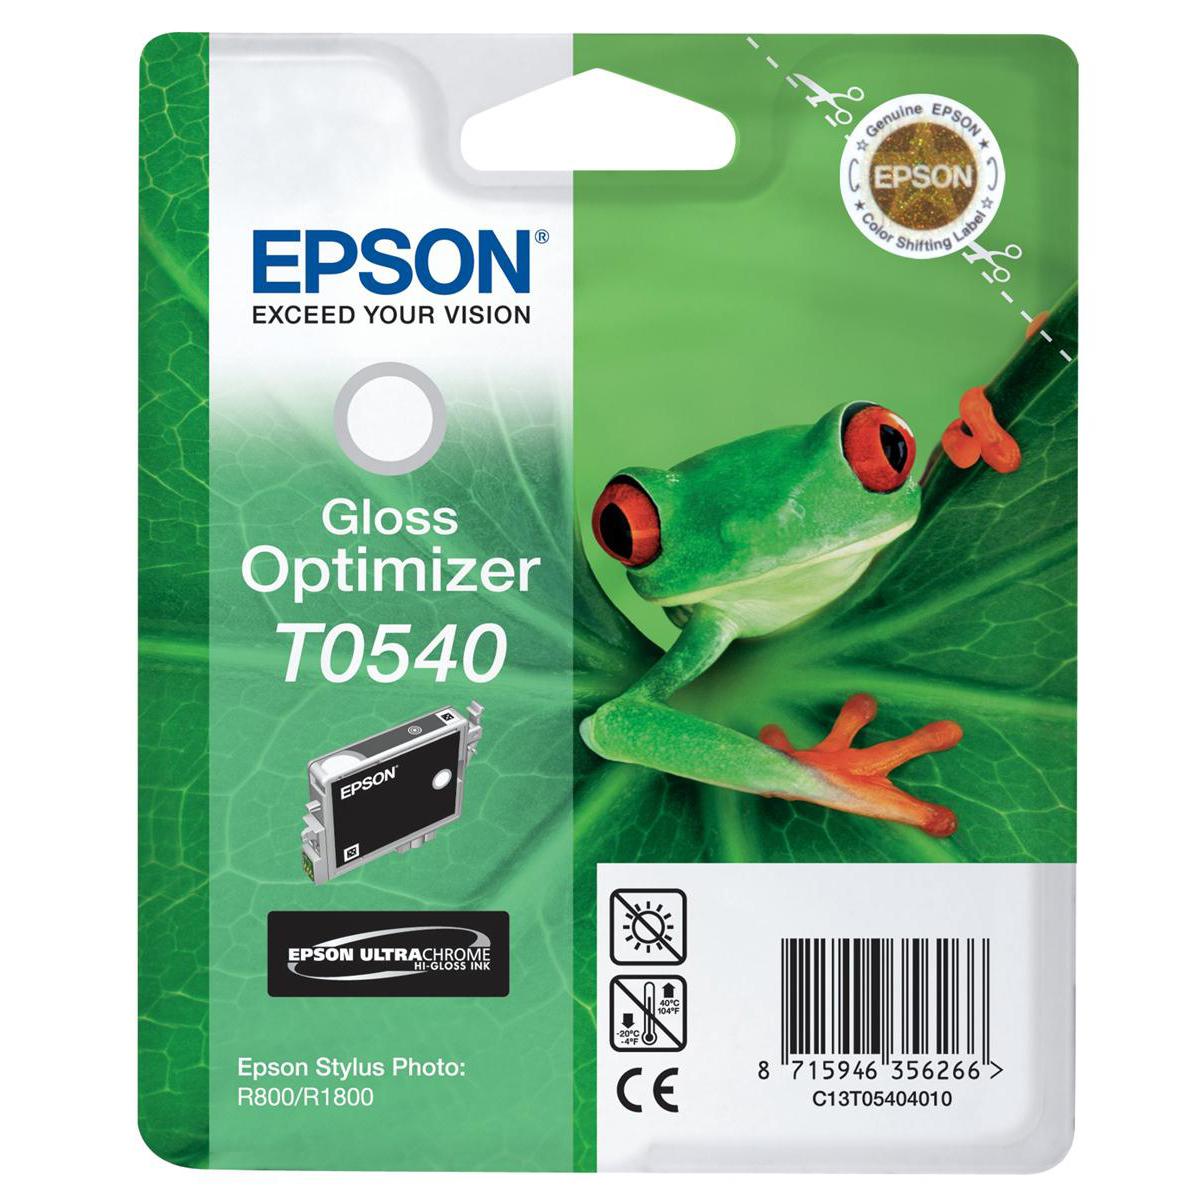 Epson T0540 Inkjet Cartridge Frog Page Life 400pp 13ml Gloss Optimiser Ref C13T05404010